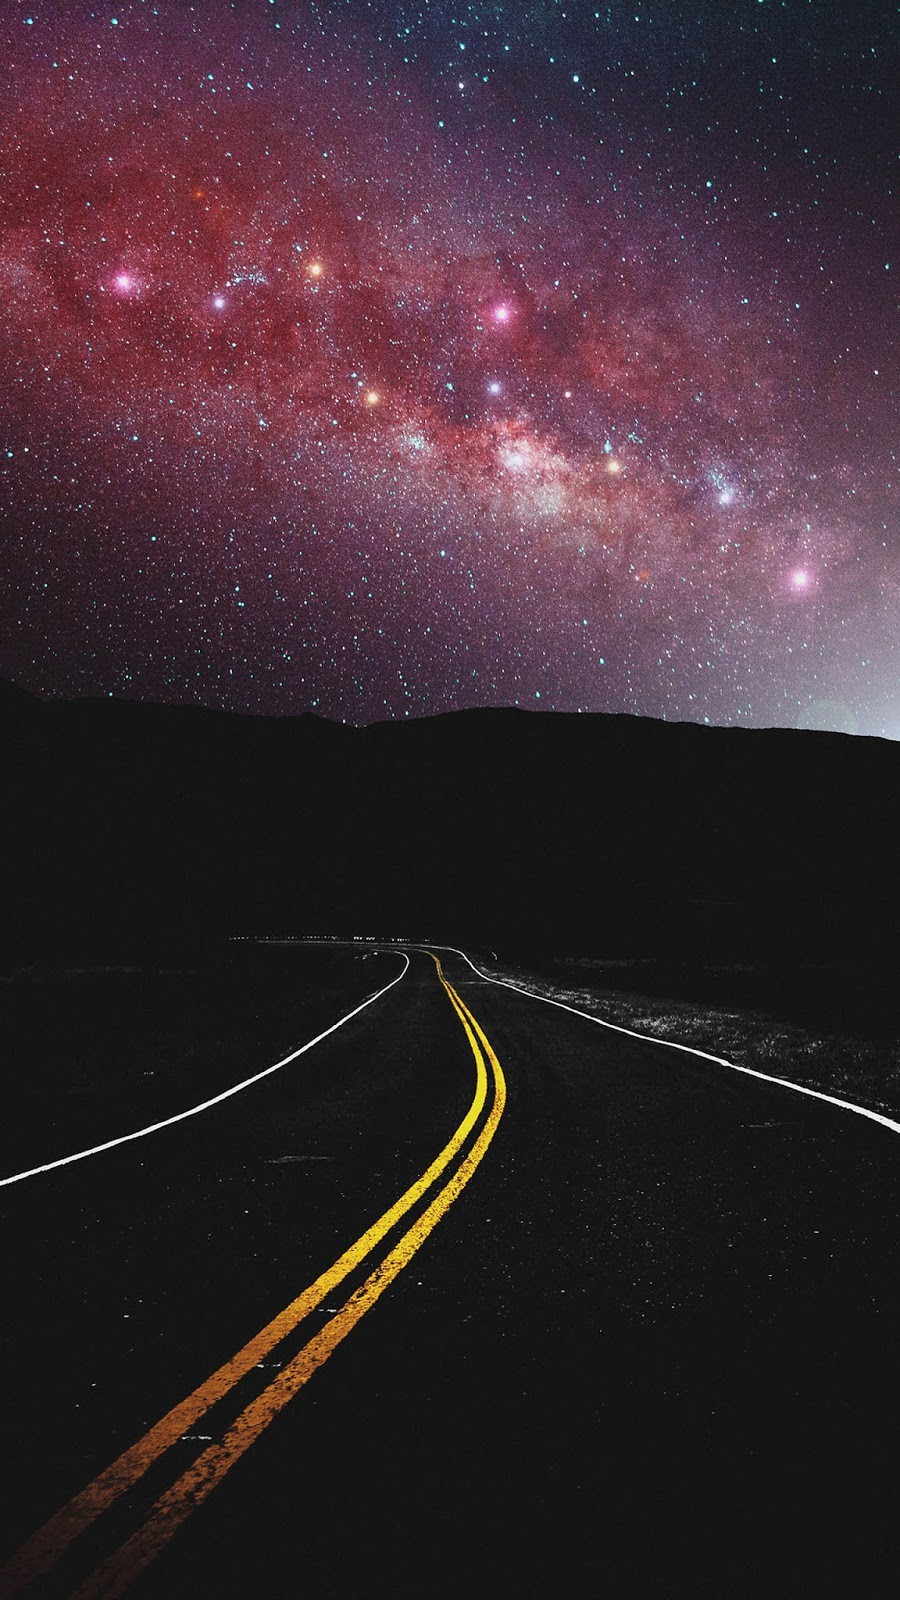 Con đường đêm giữa bầu trời sao